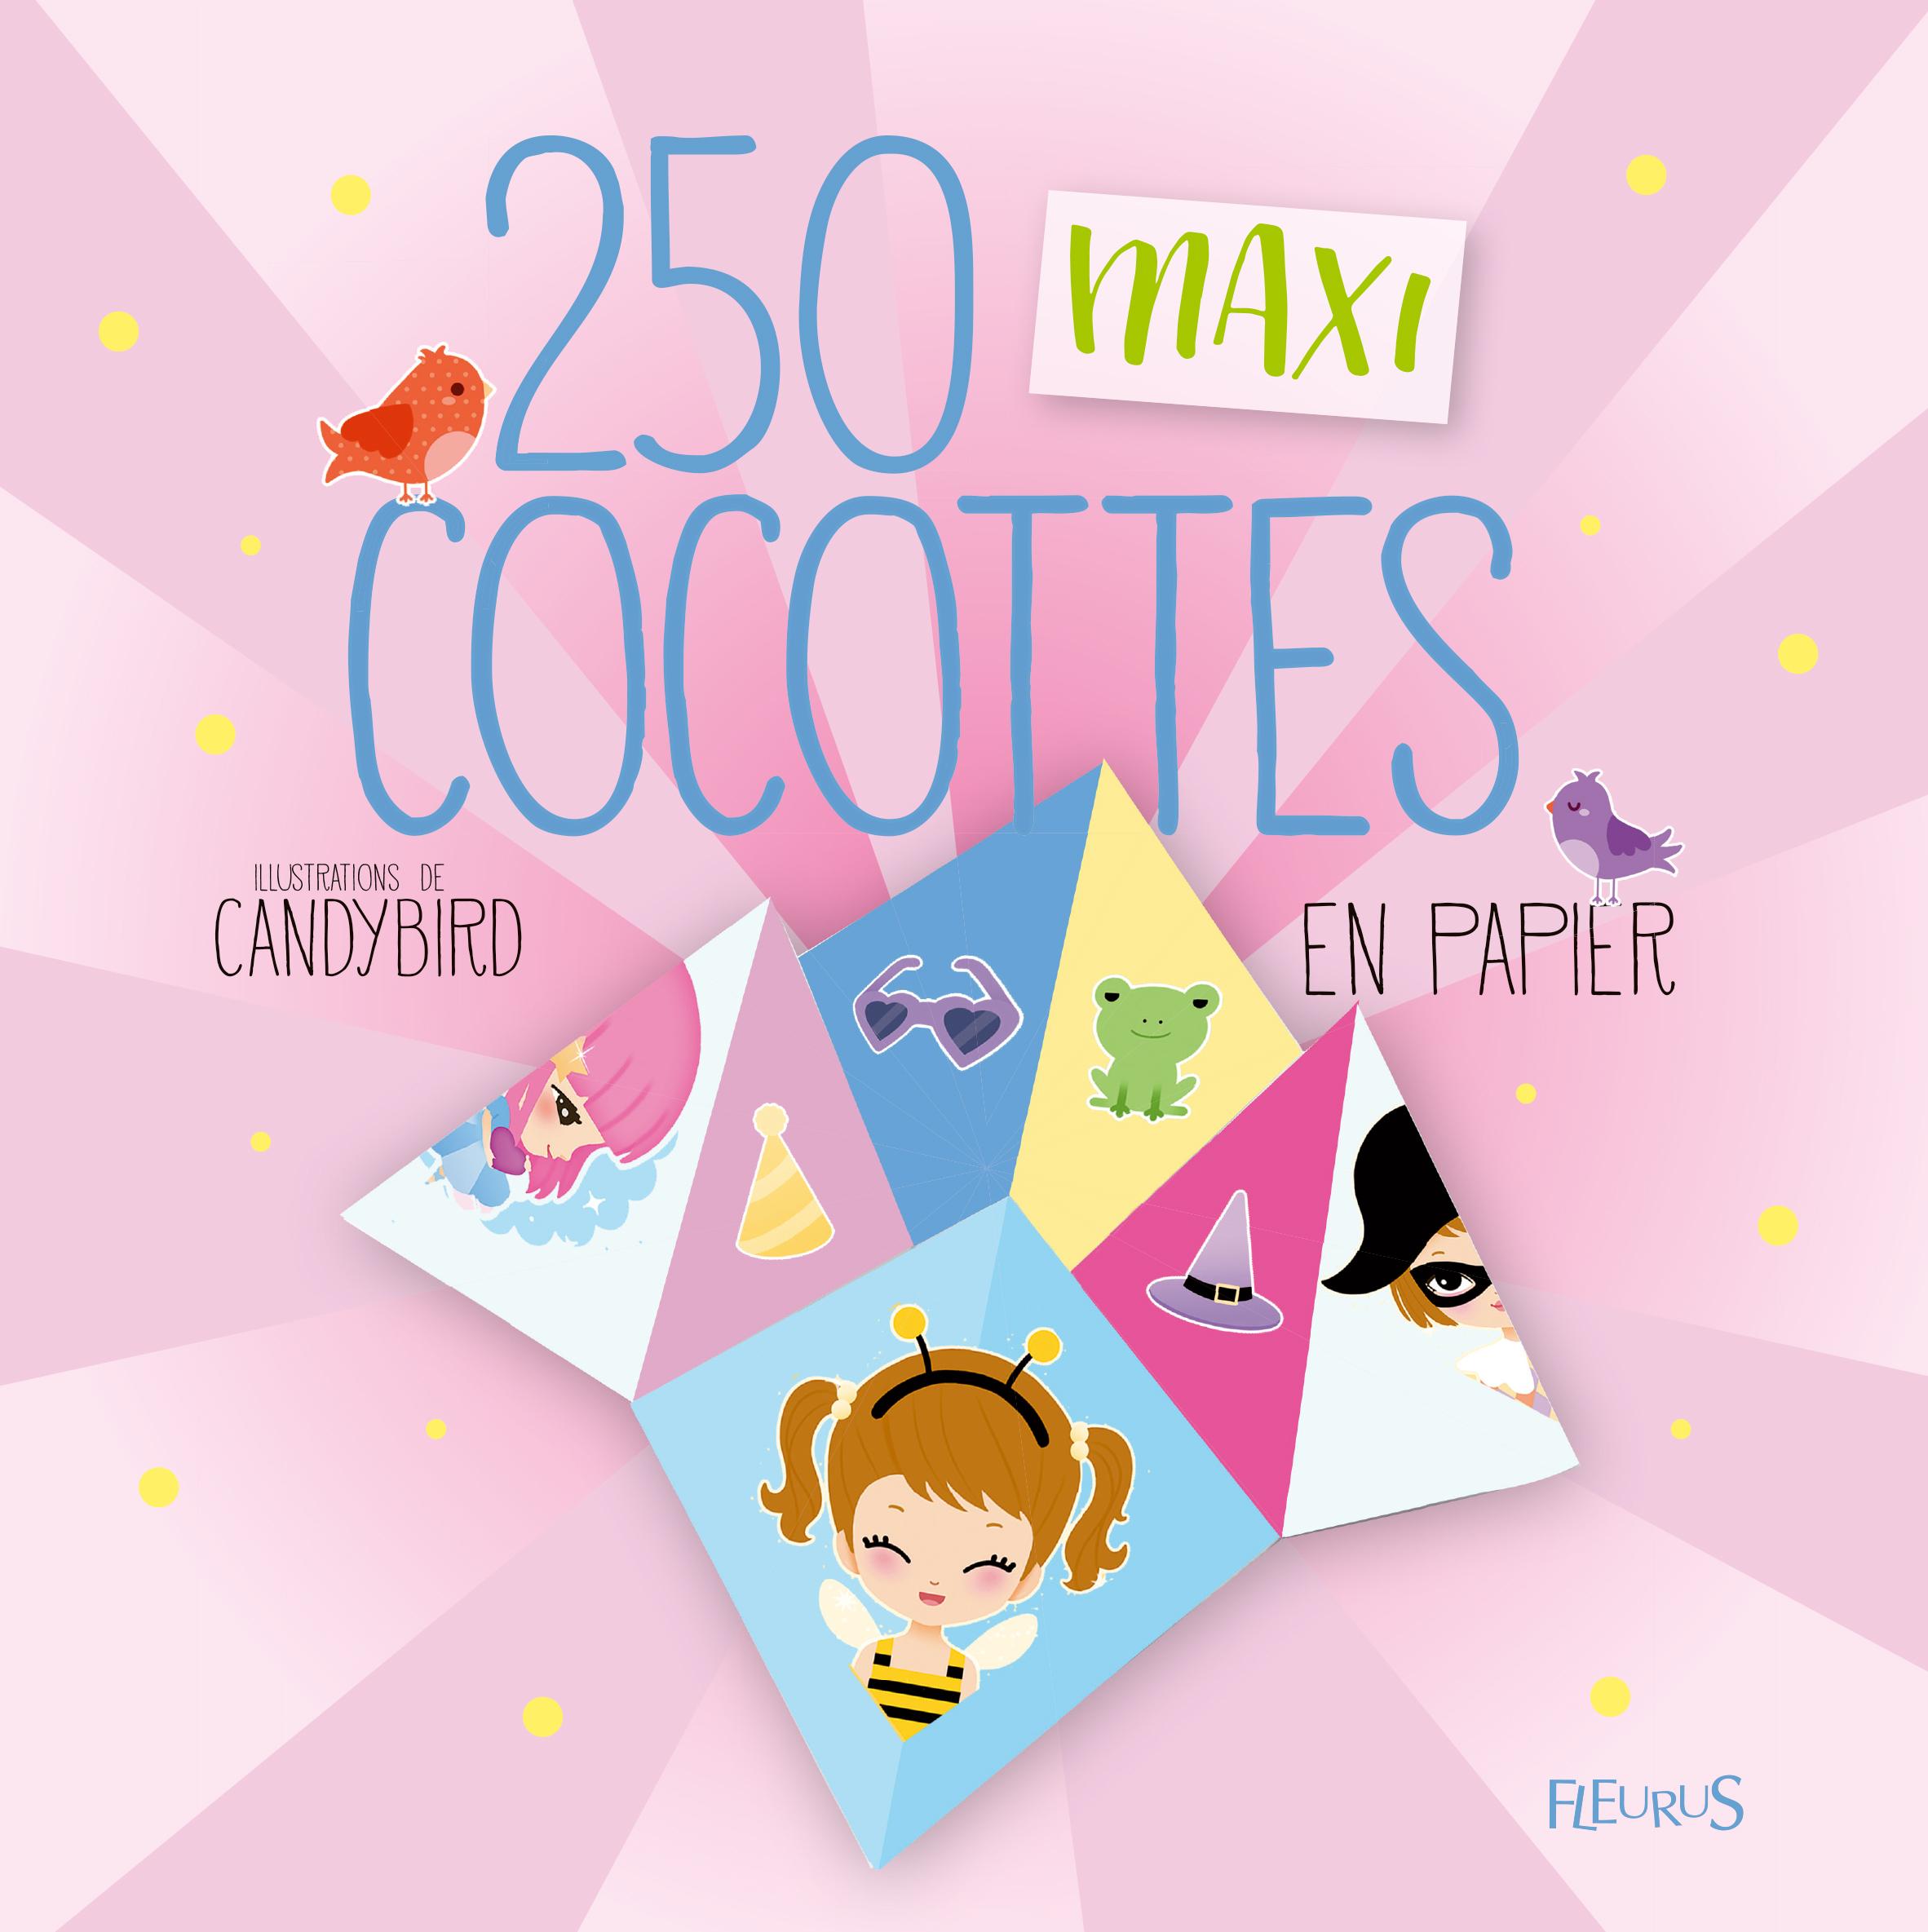 250 MAXI COCOTTES EN PAPIER